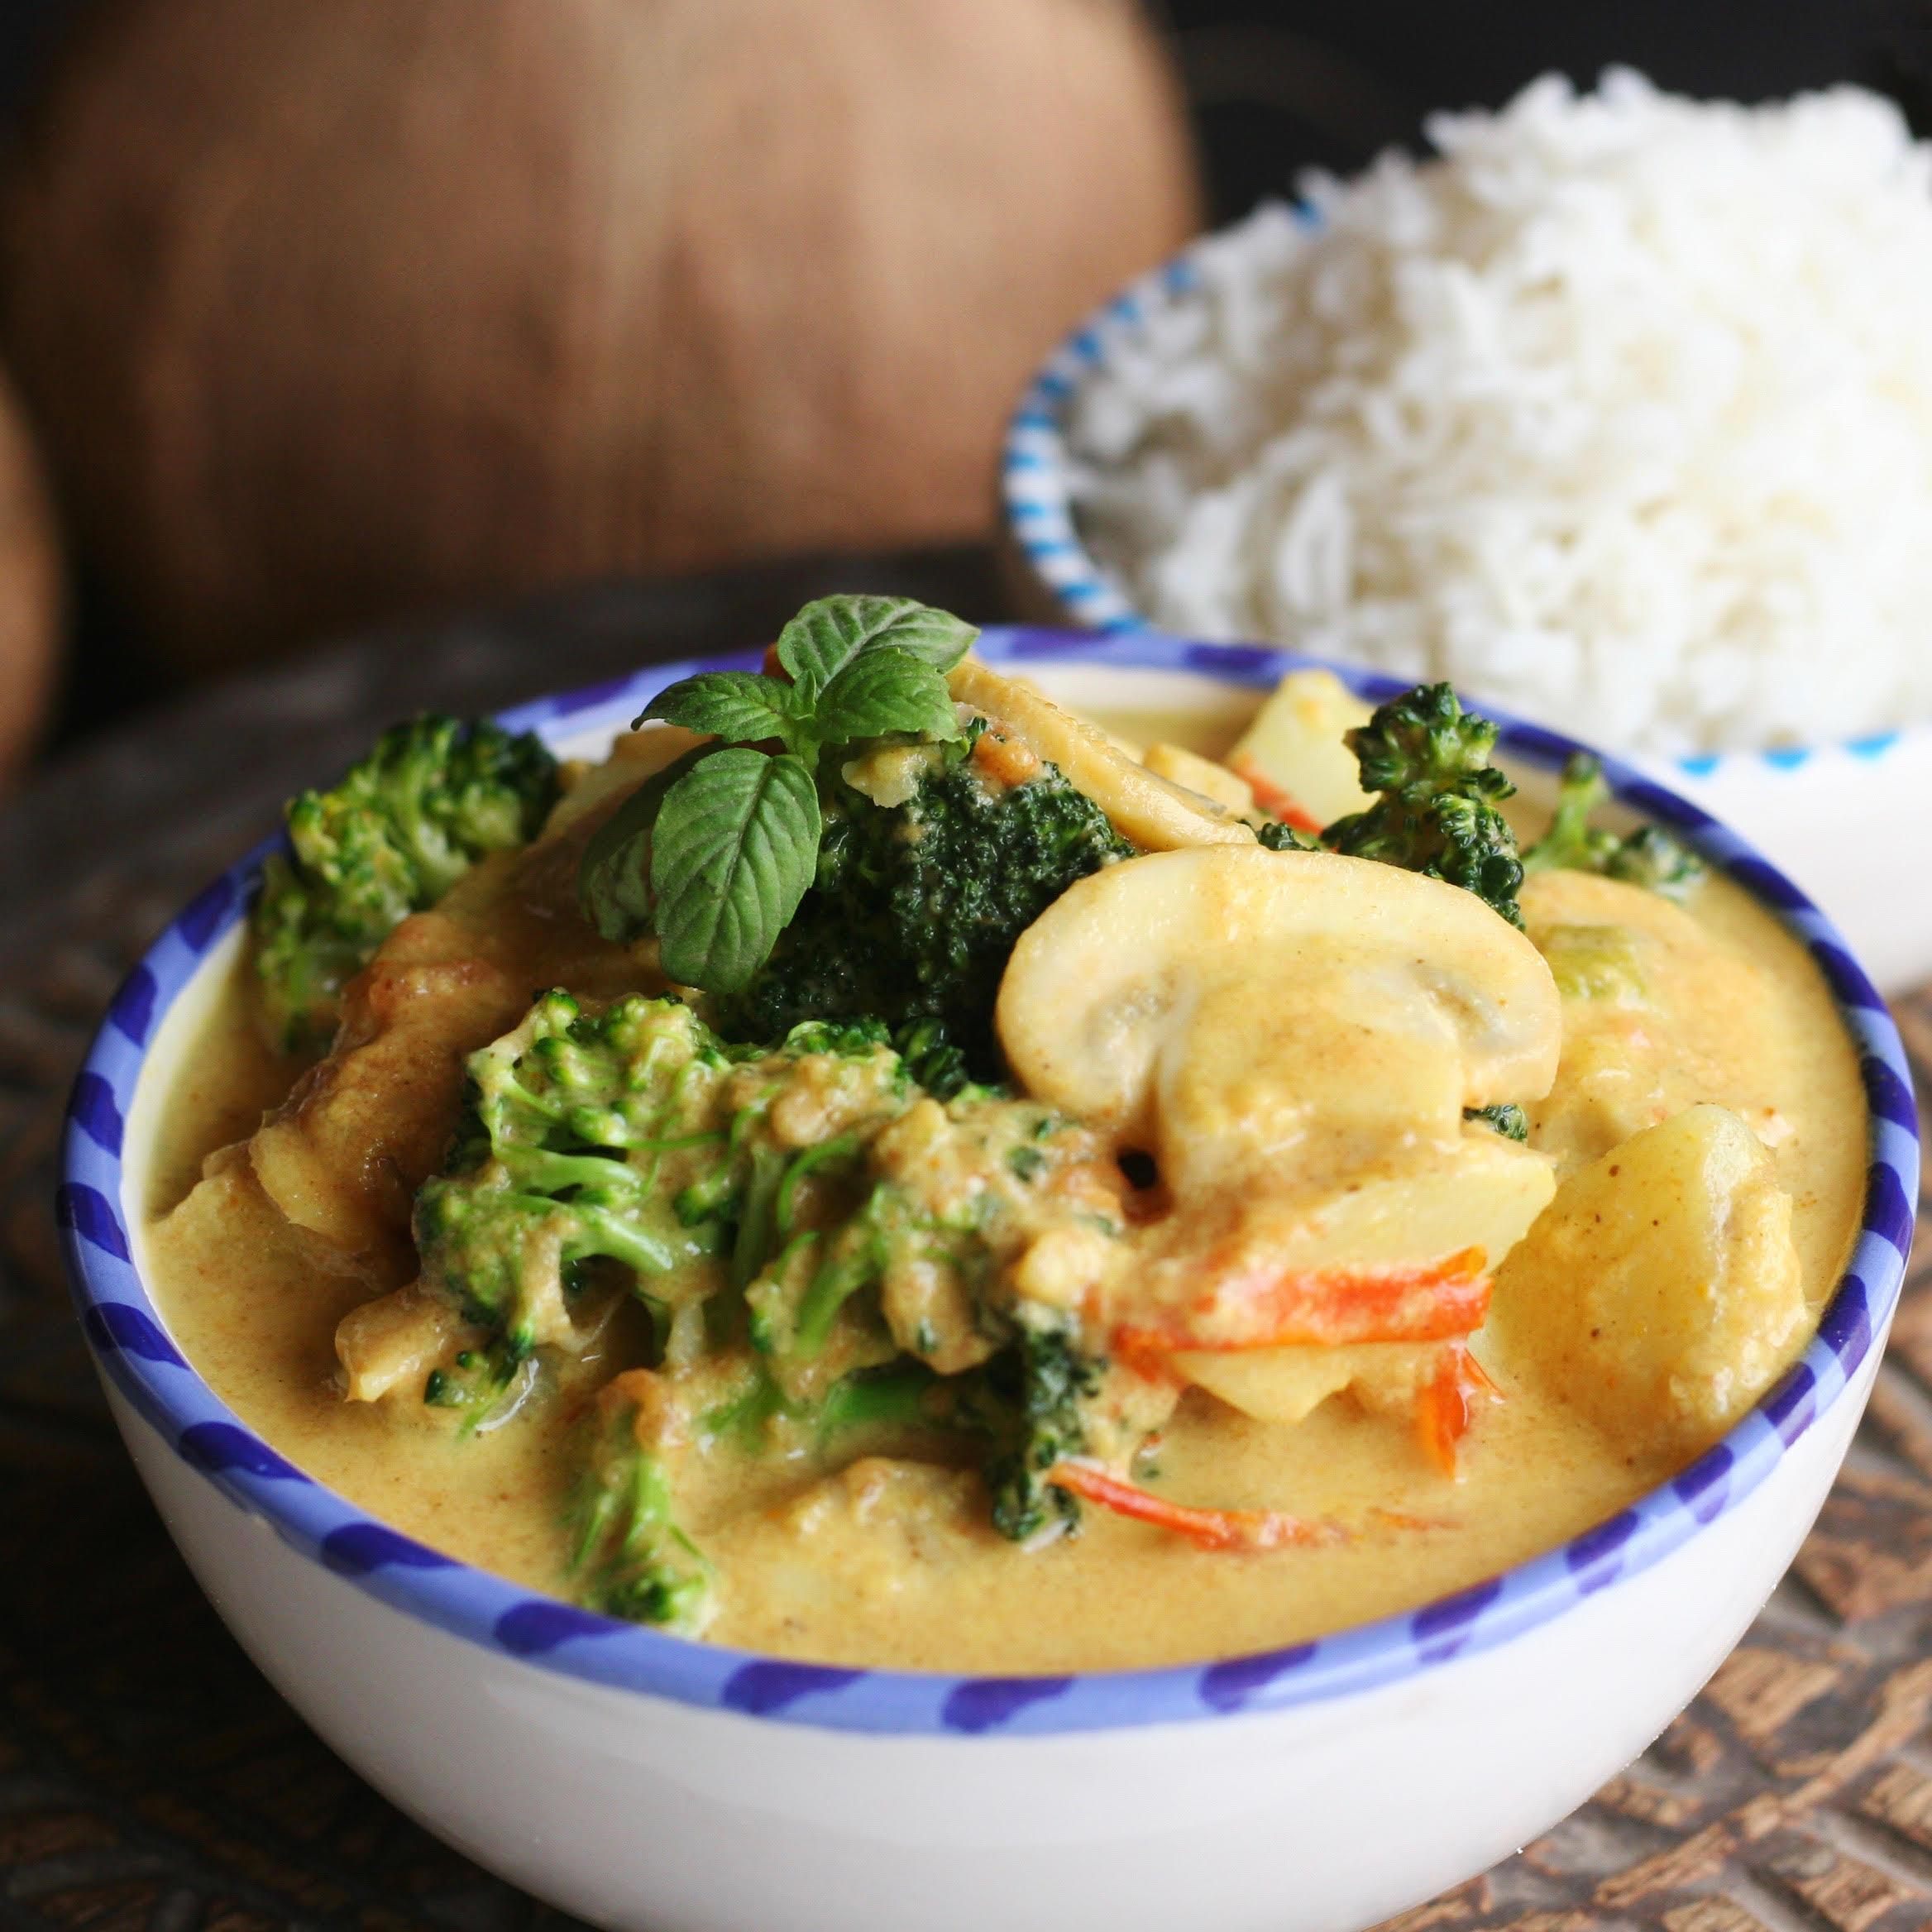 الغداء 2 - كاري جوز الهند بالخضراوات